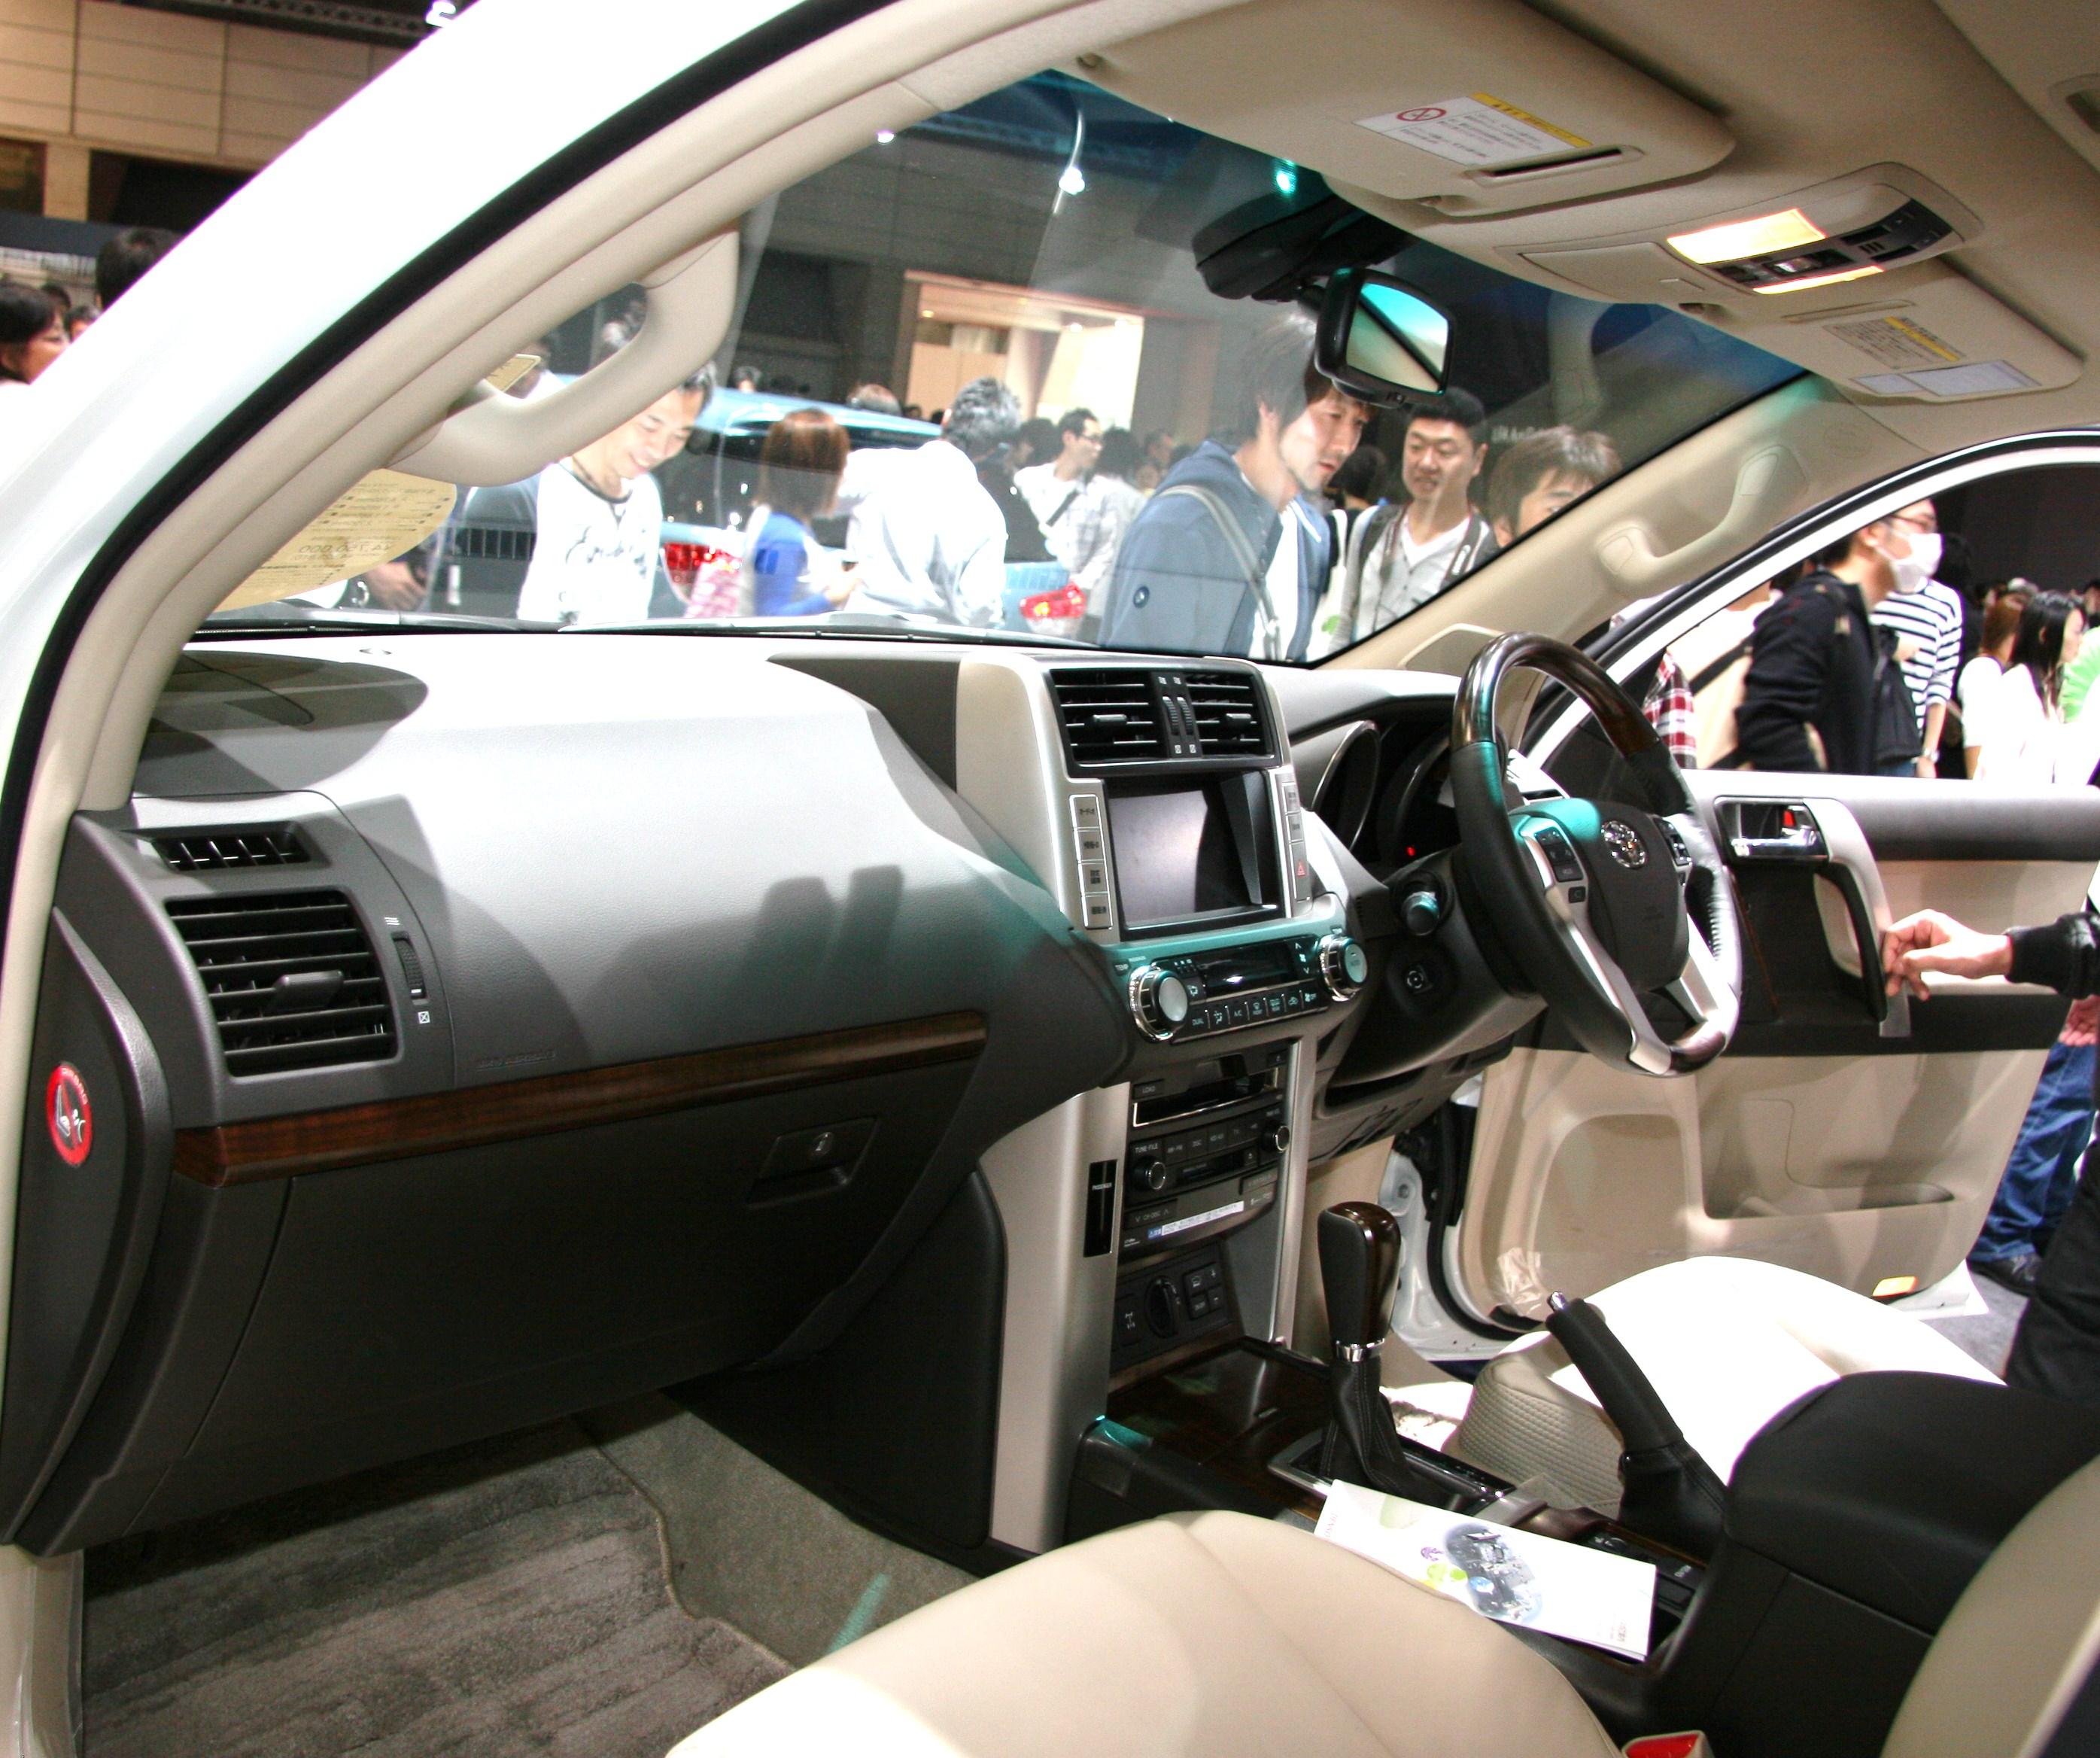 ファイル:Toyota Land Cruiser Prado 150 interior.jpg